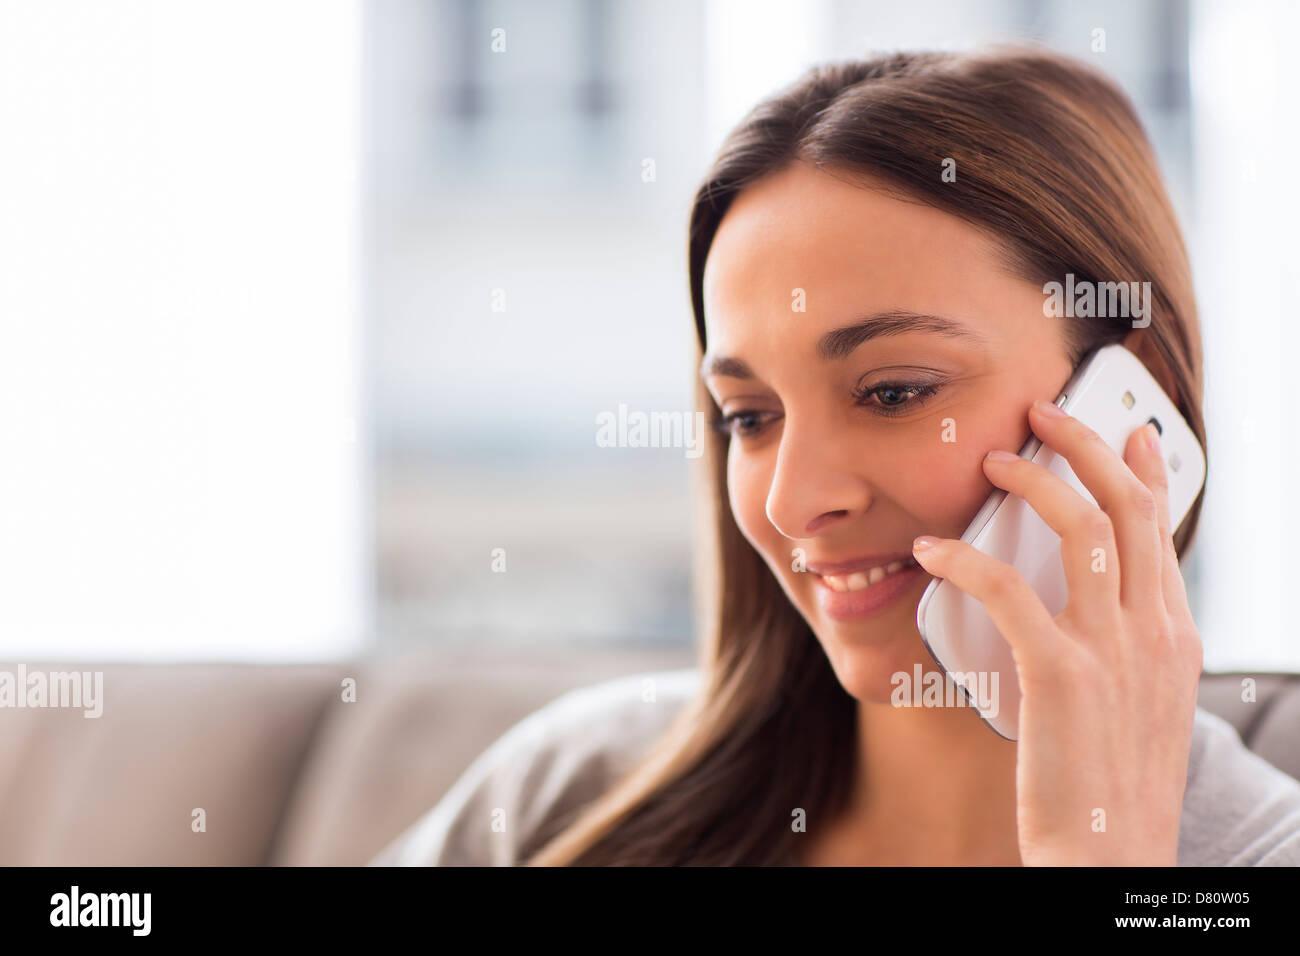 Piuttosto giovane donna utilizzando il bianco telefono cellulare a casa Immagini Stock